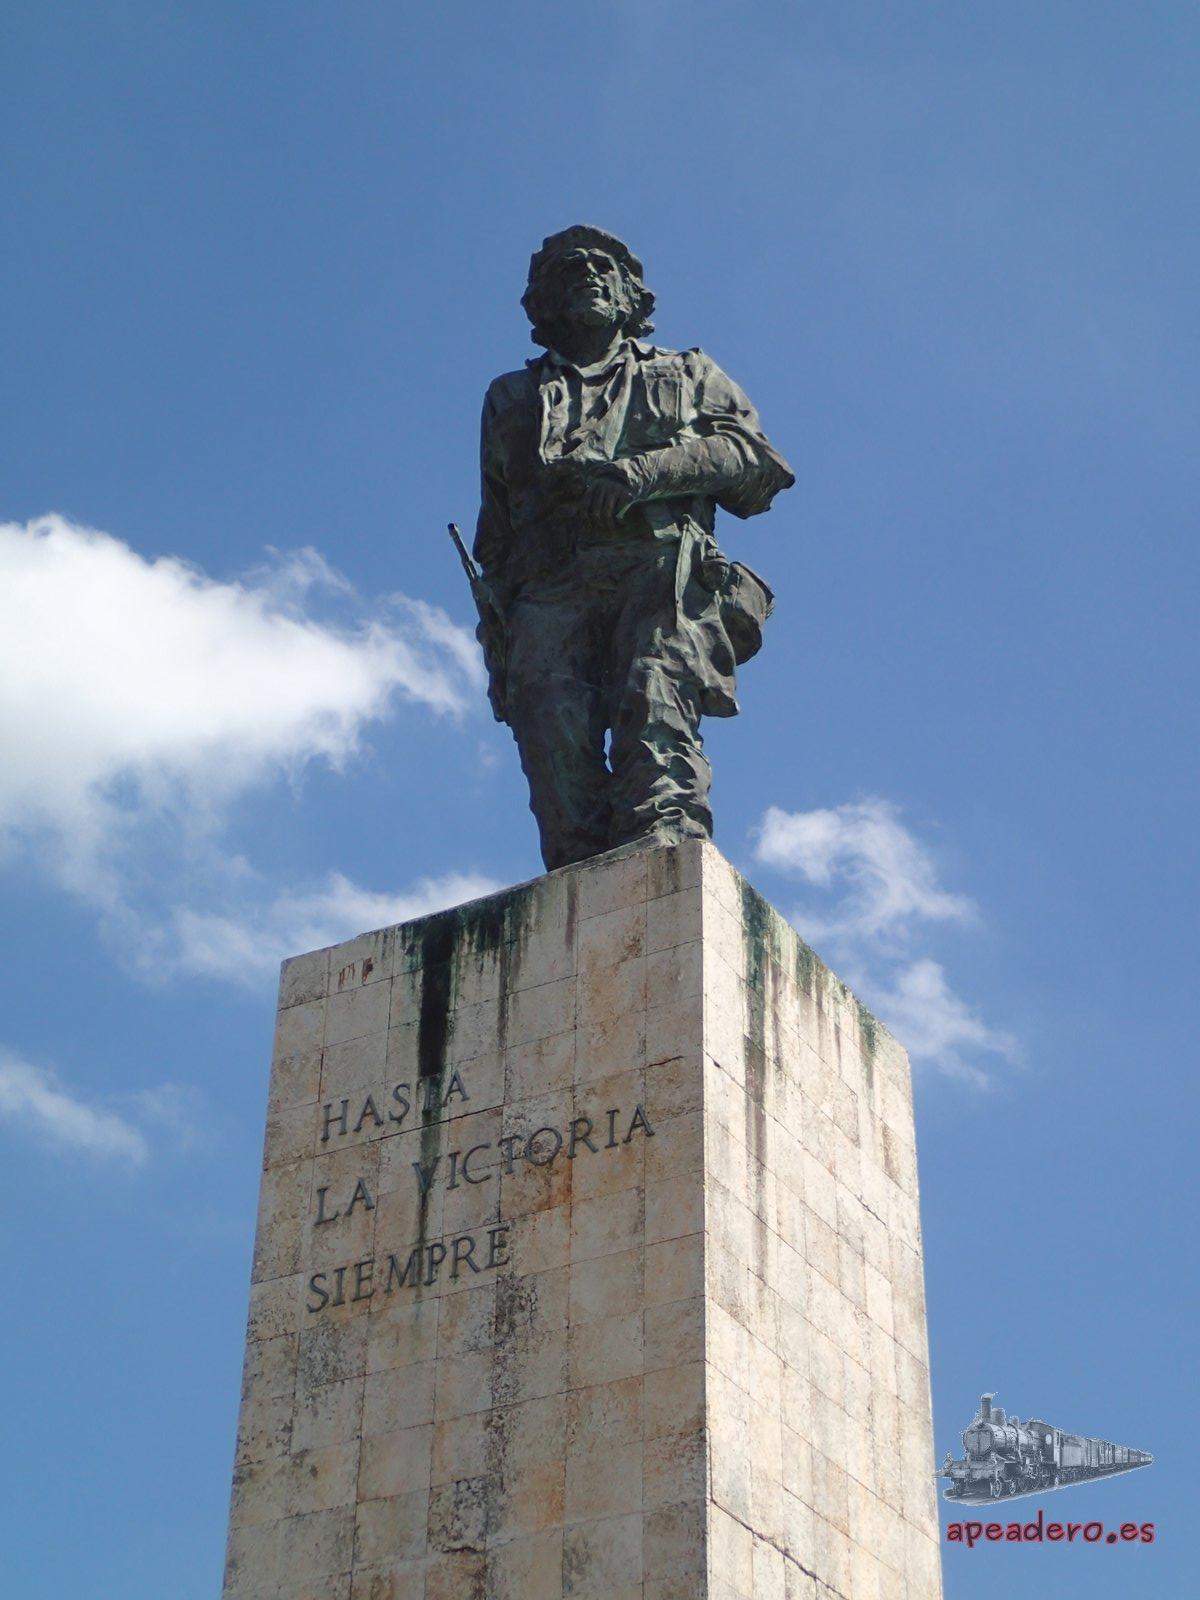 Al mausoleo del Che no se pueden entrar cámaras y se deben dejar las mochilas en consignas gratuitas. Todo el parque es gratuito.